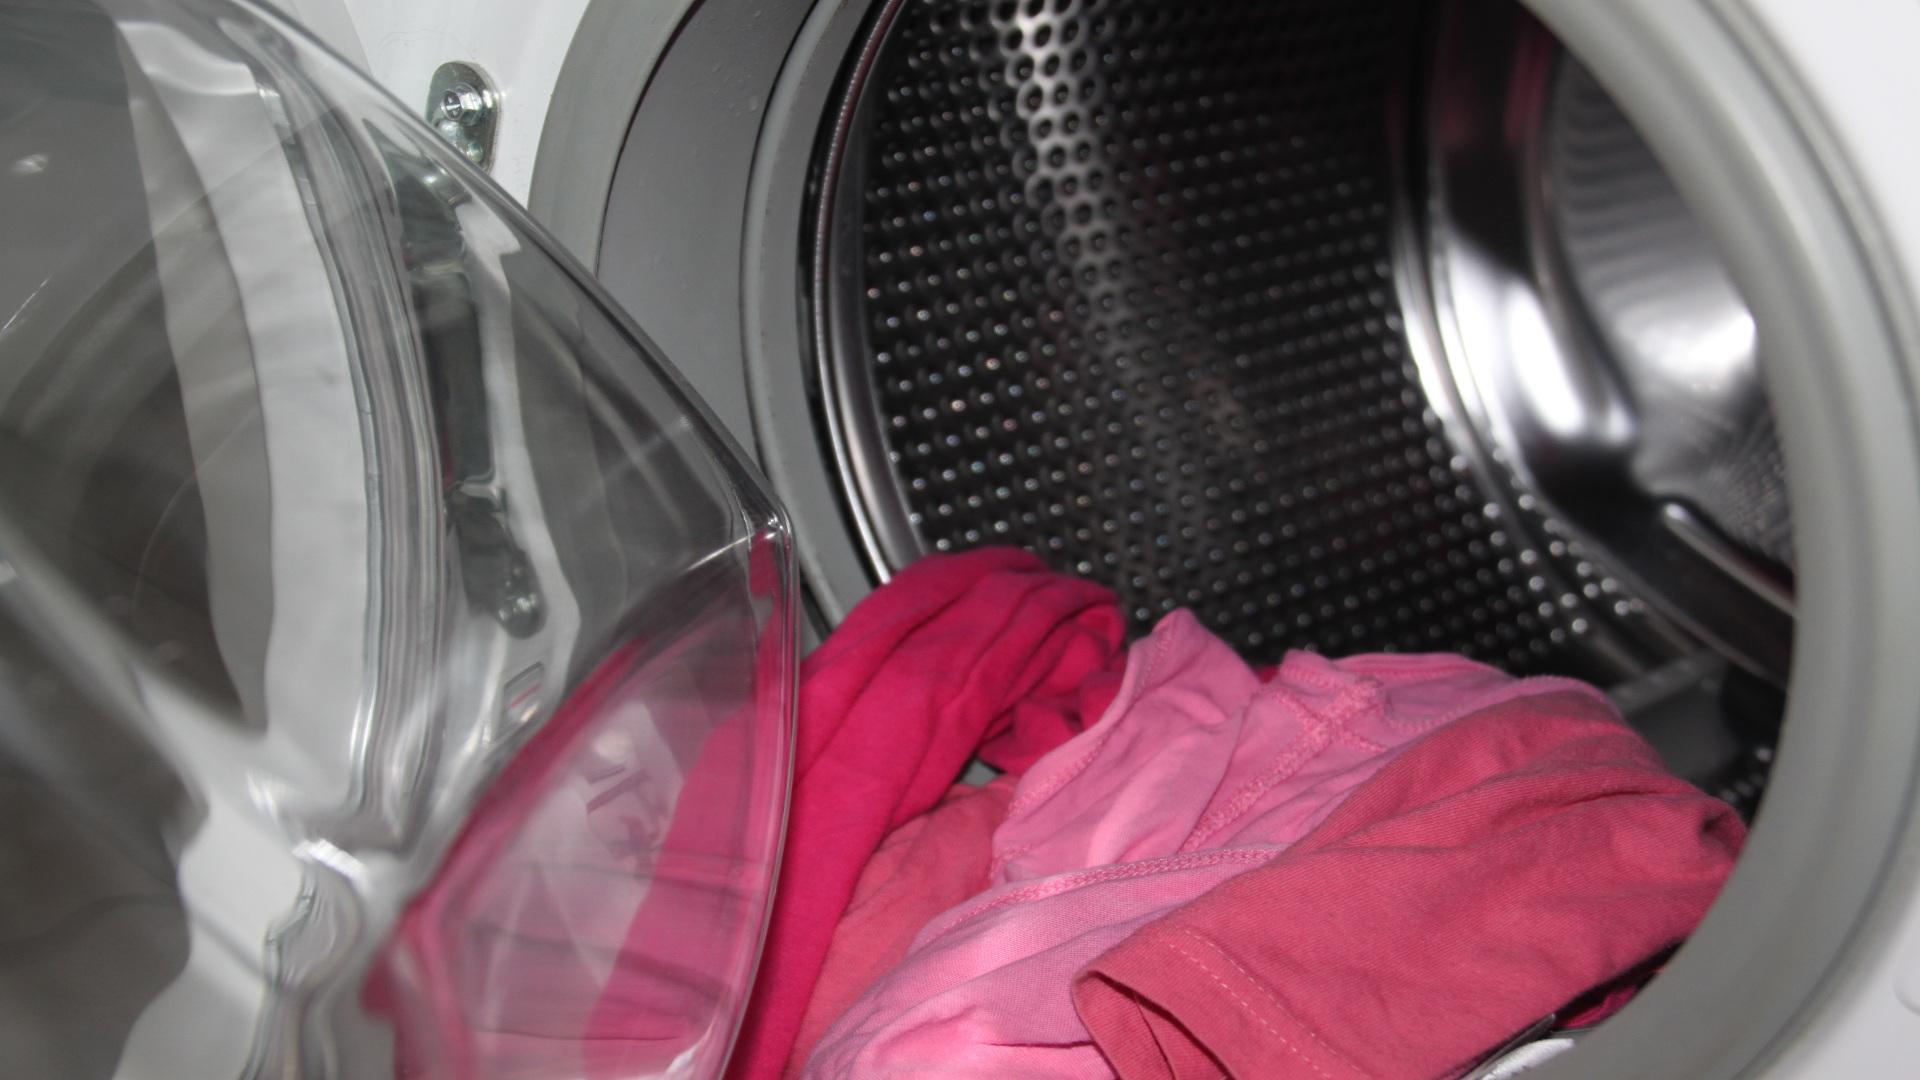 Parece una tonteria pero parece que ponemos mal la lavadora1920